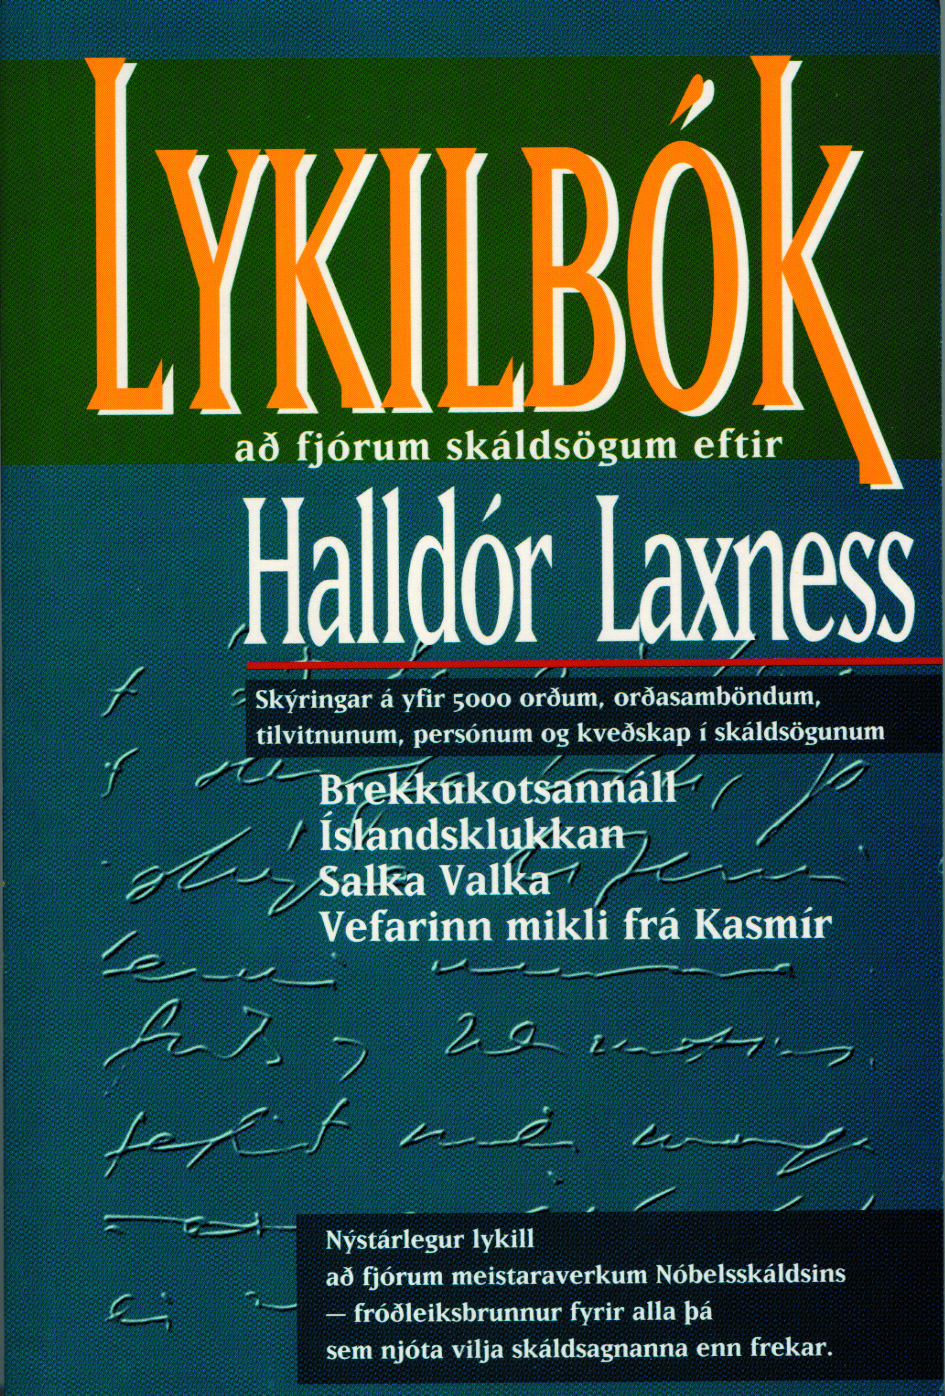 Lykilbók að fjórum skáldsögum eftir Halldór Laxness